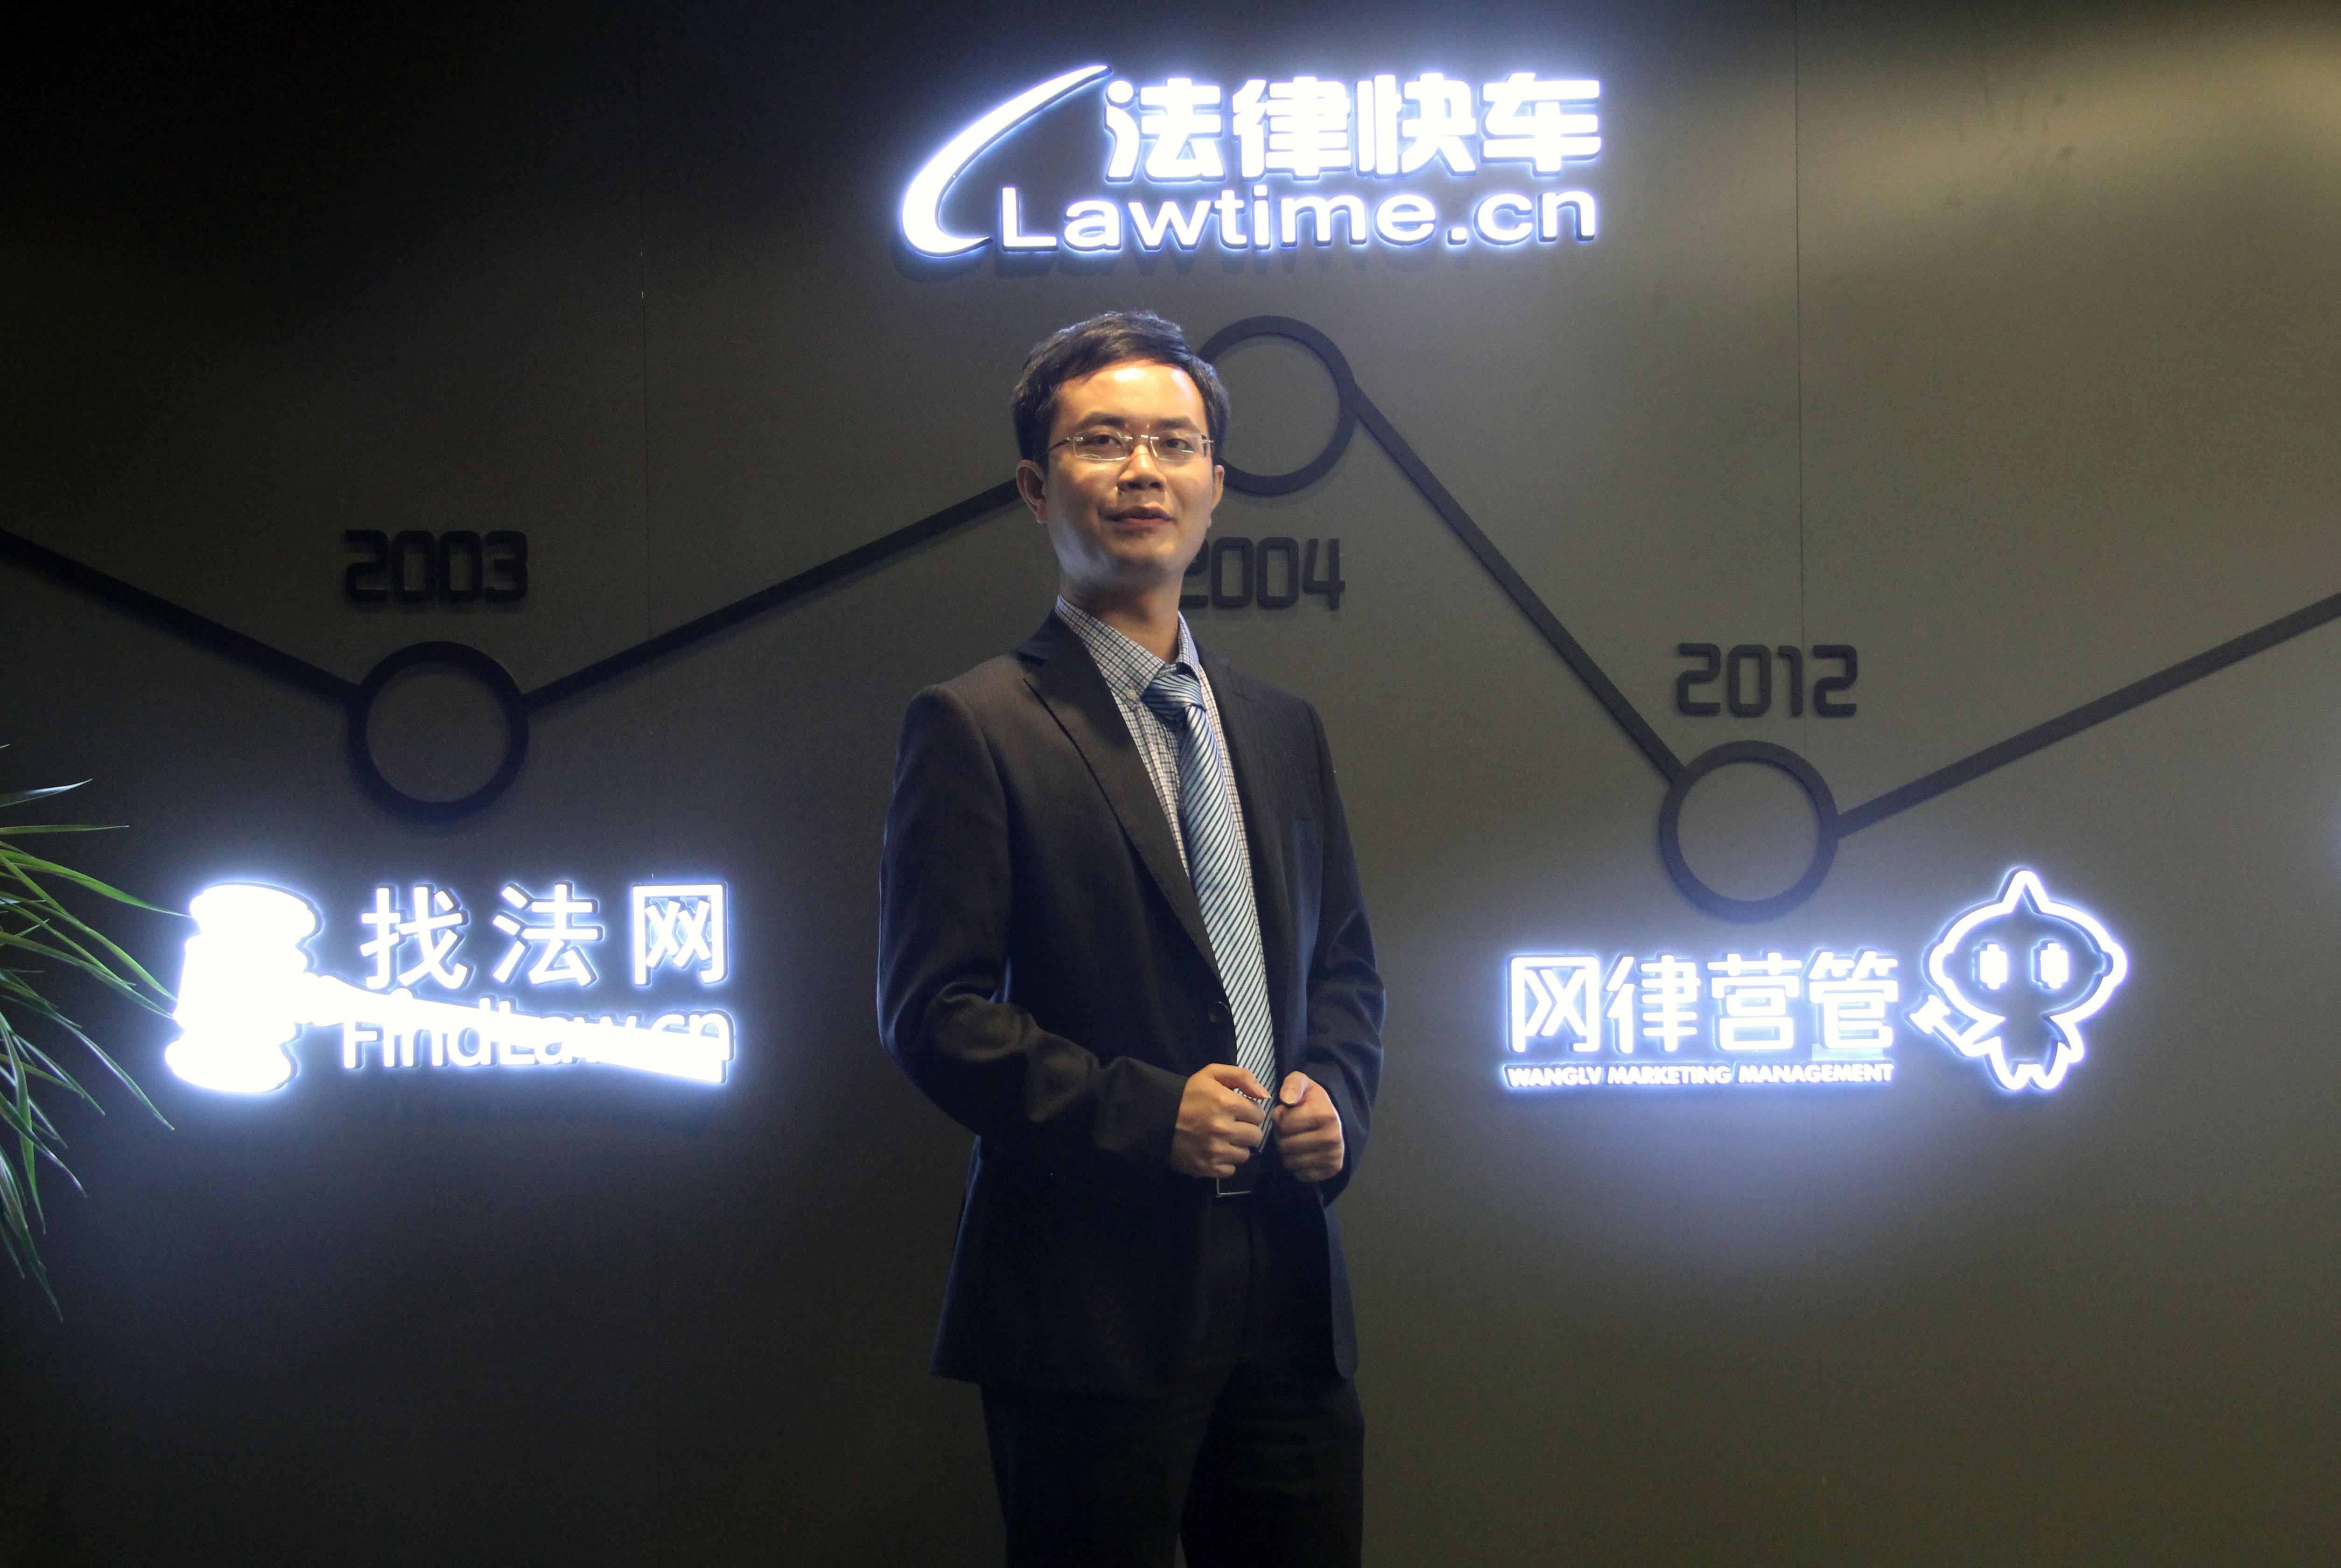 马俊哲律师与法律快车找法网